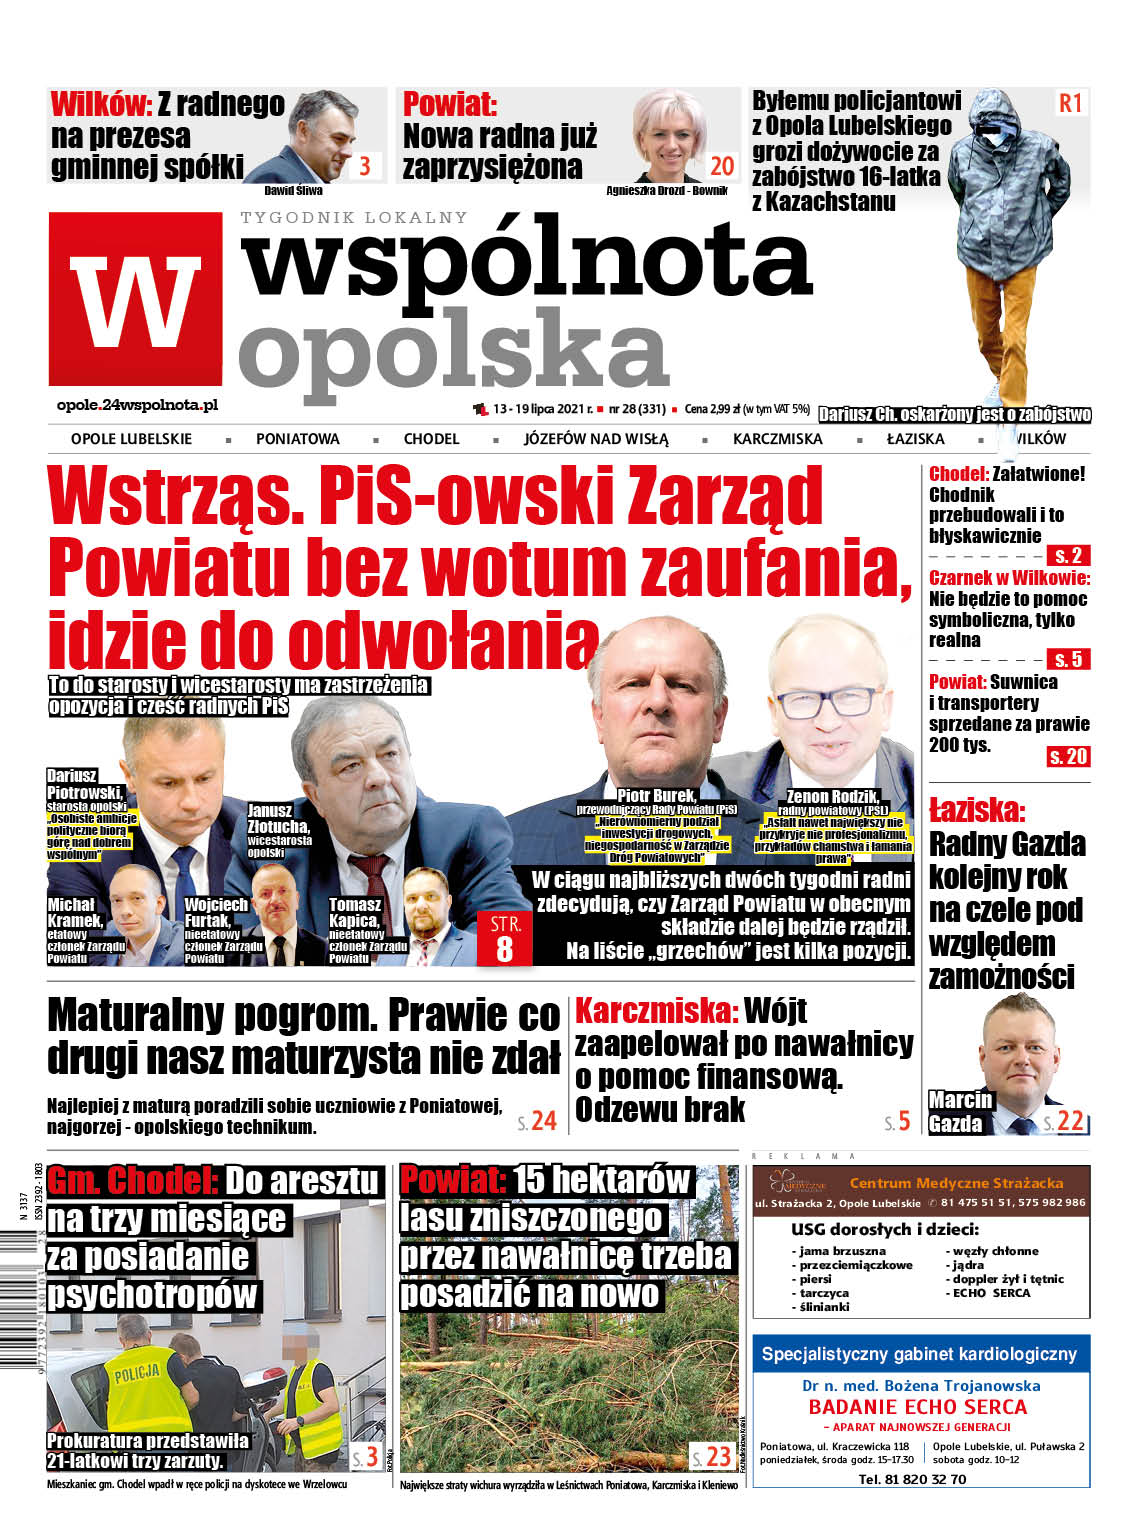 Wstrząs. PiS-owski Zarząd Powiatu bez wotum zaufania, idzie do odwołania - Zdjęcie główne